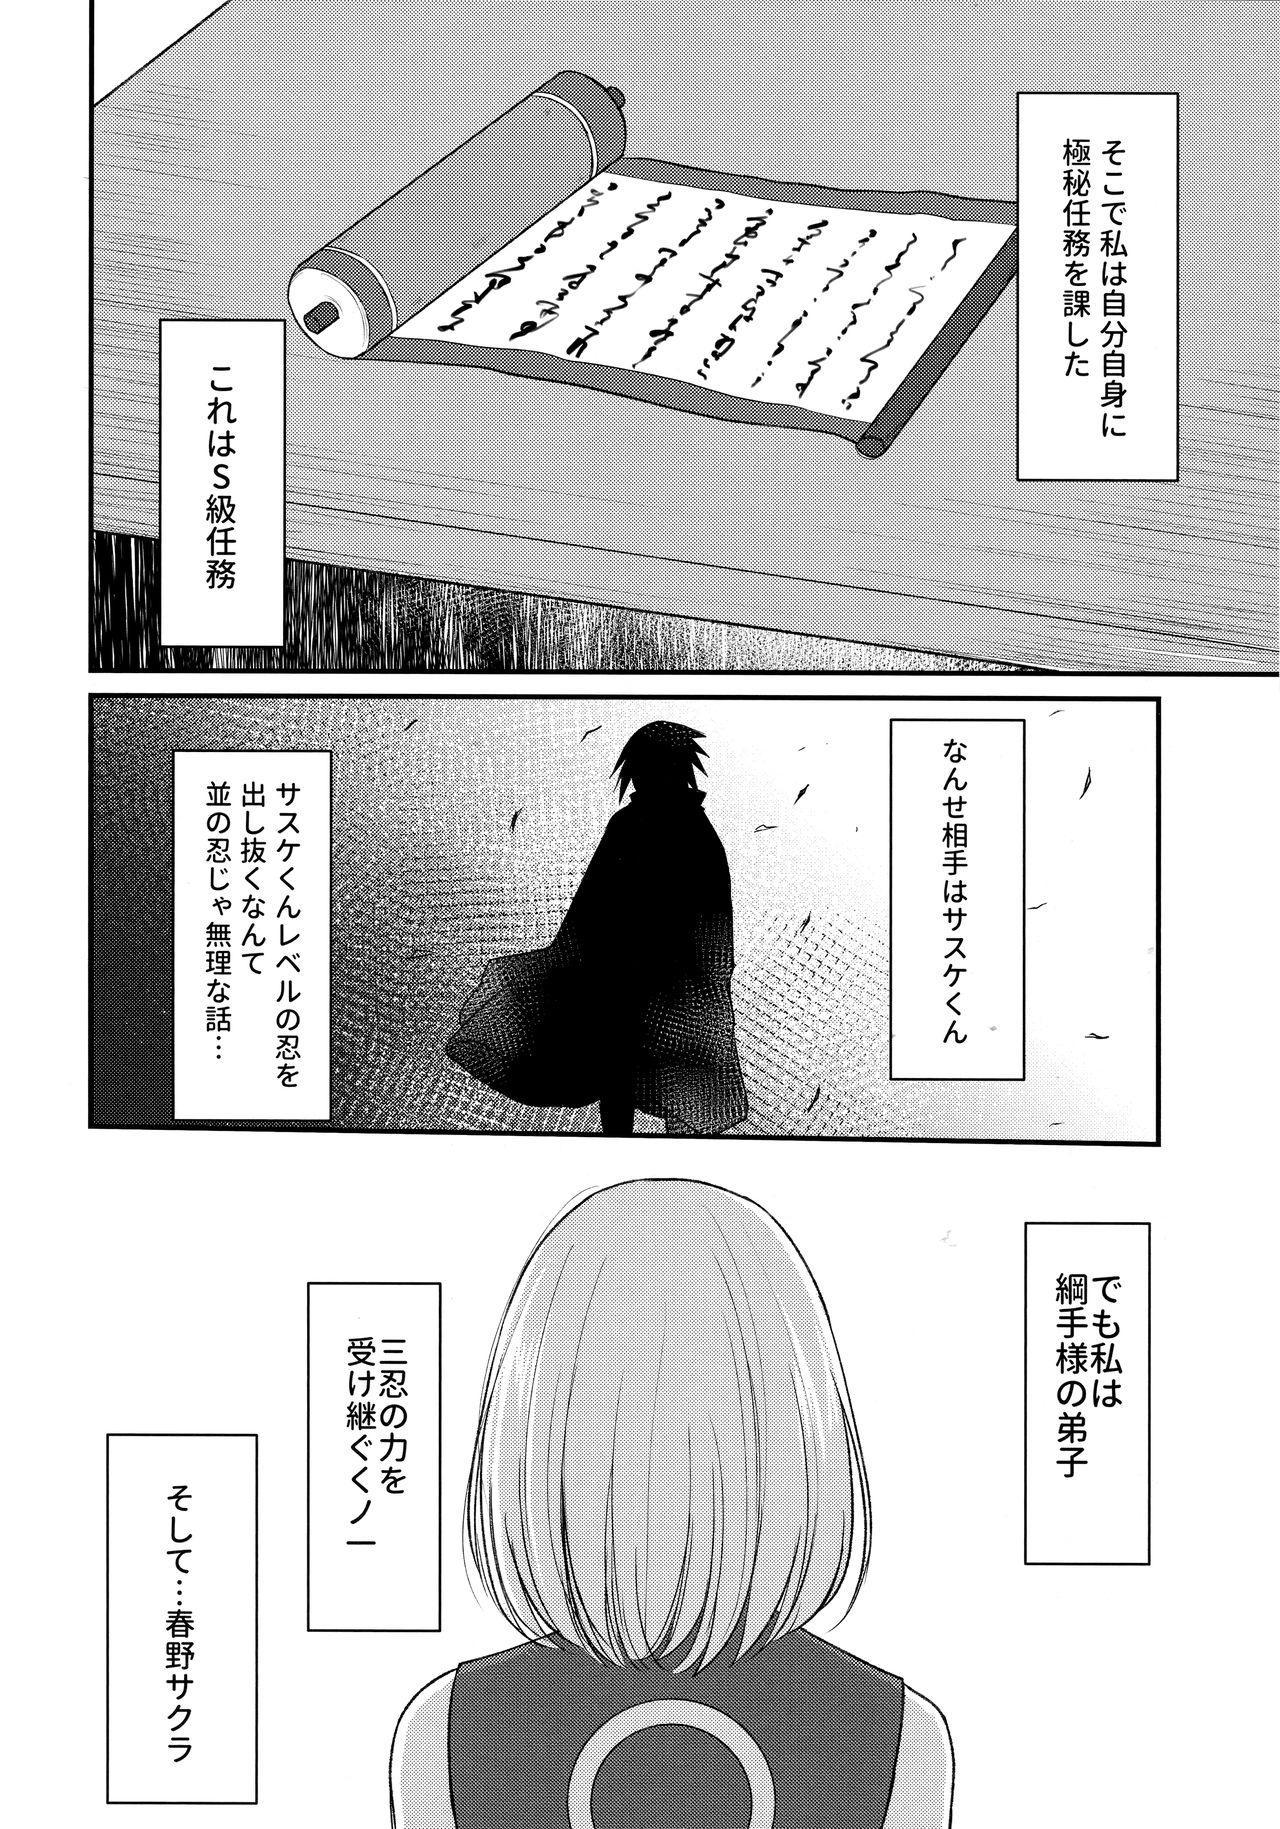 Koukishin wa Neko o Korosu 4